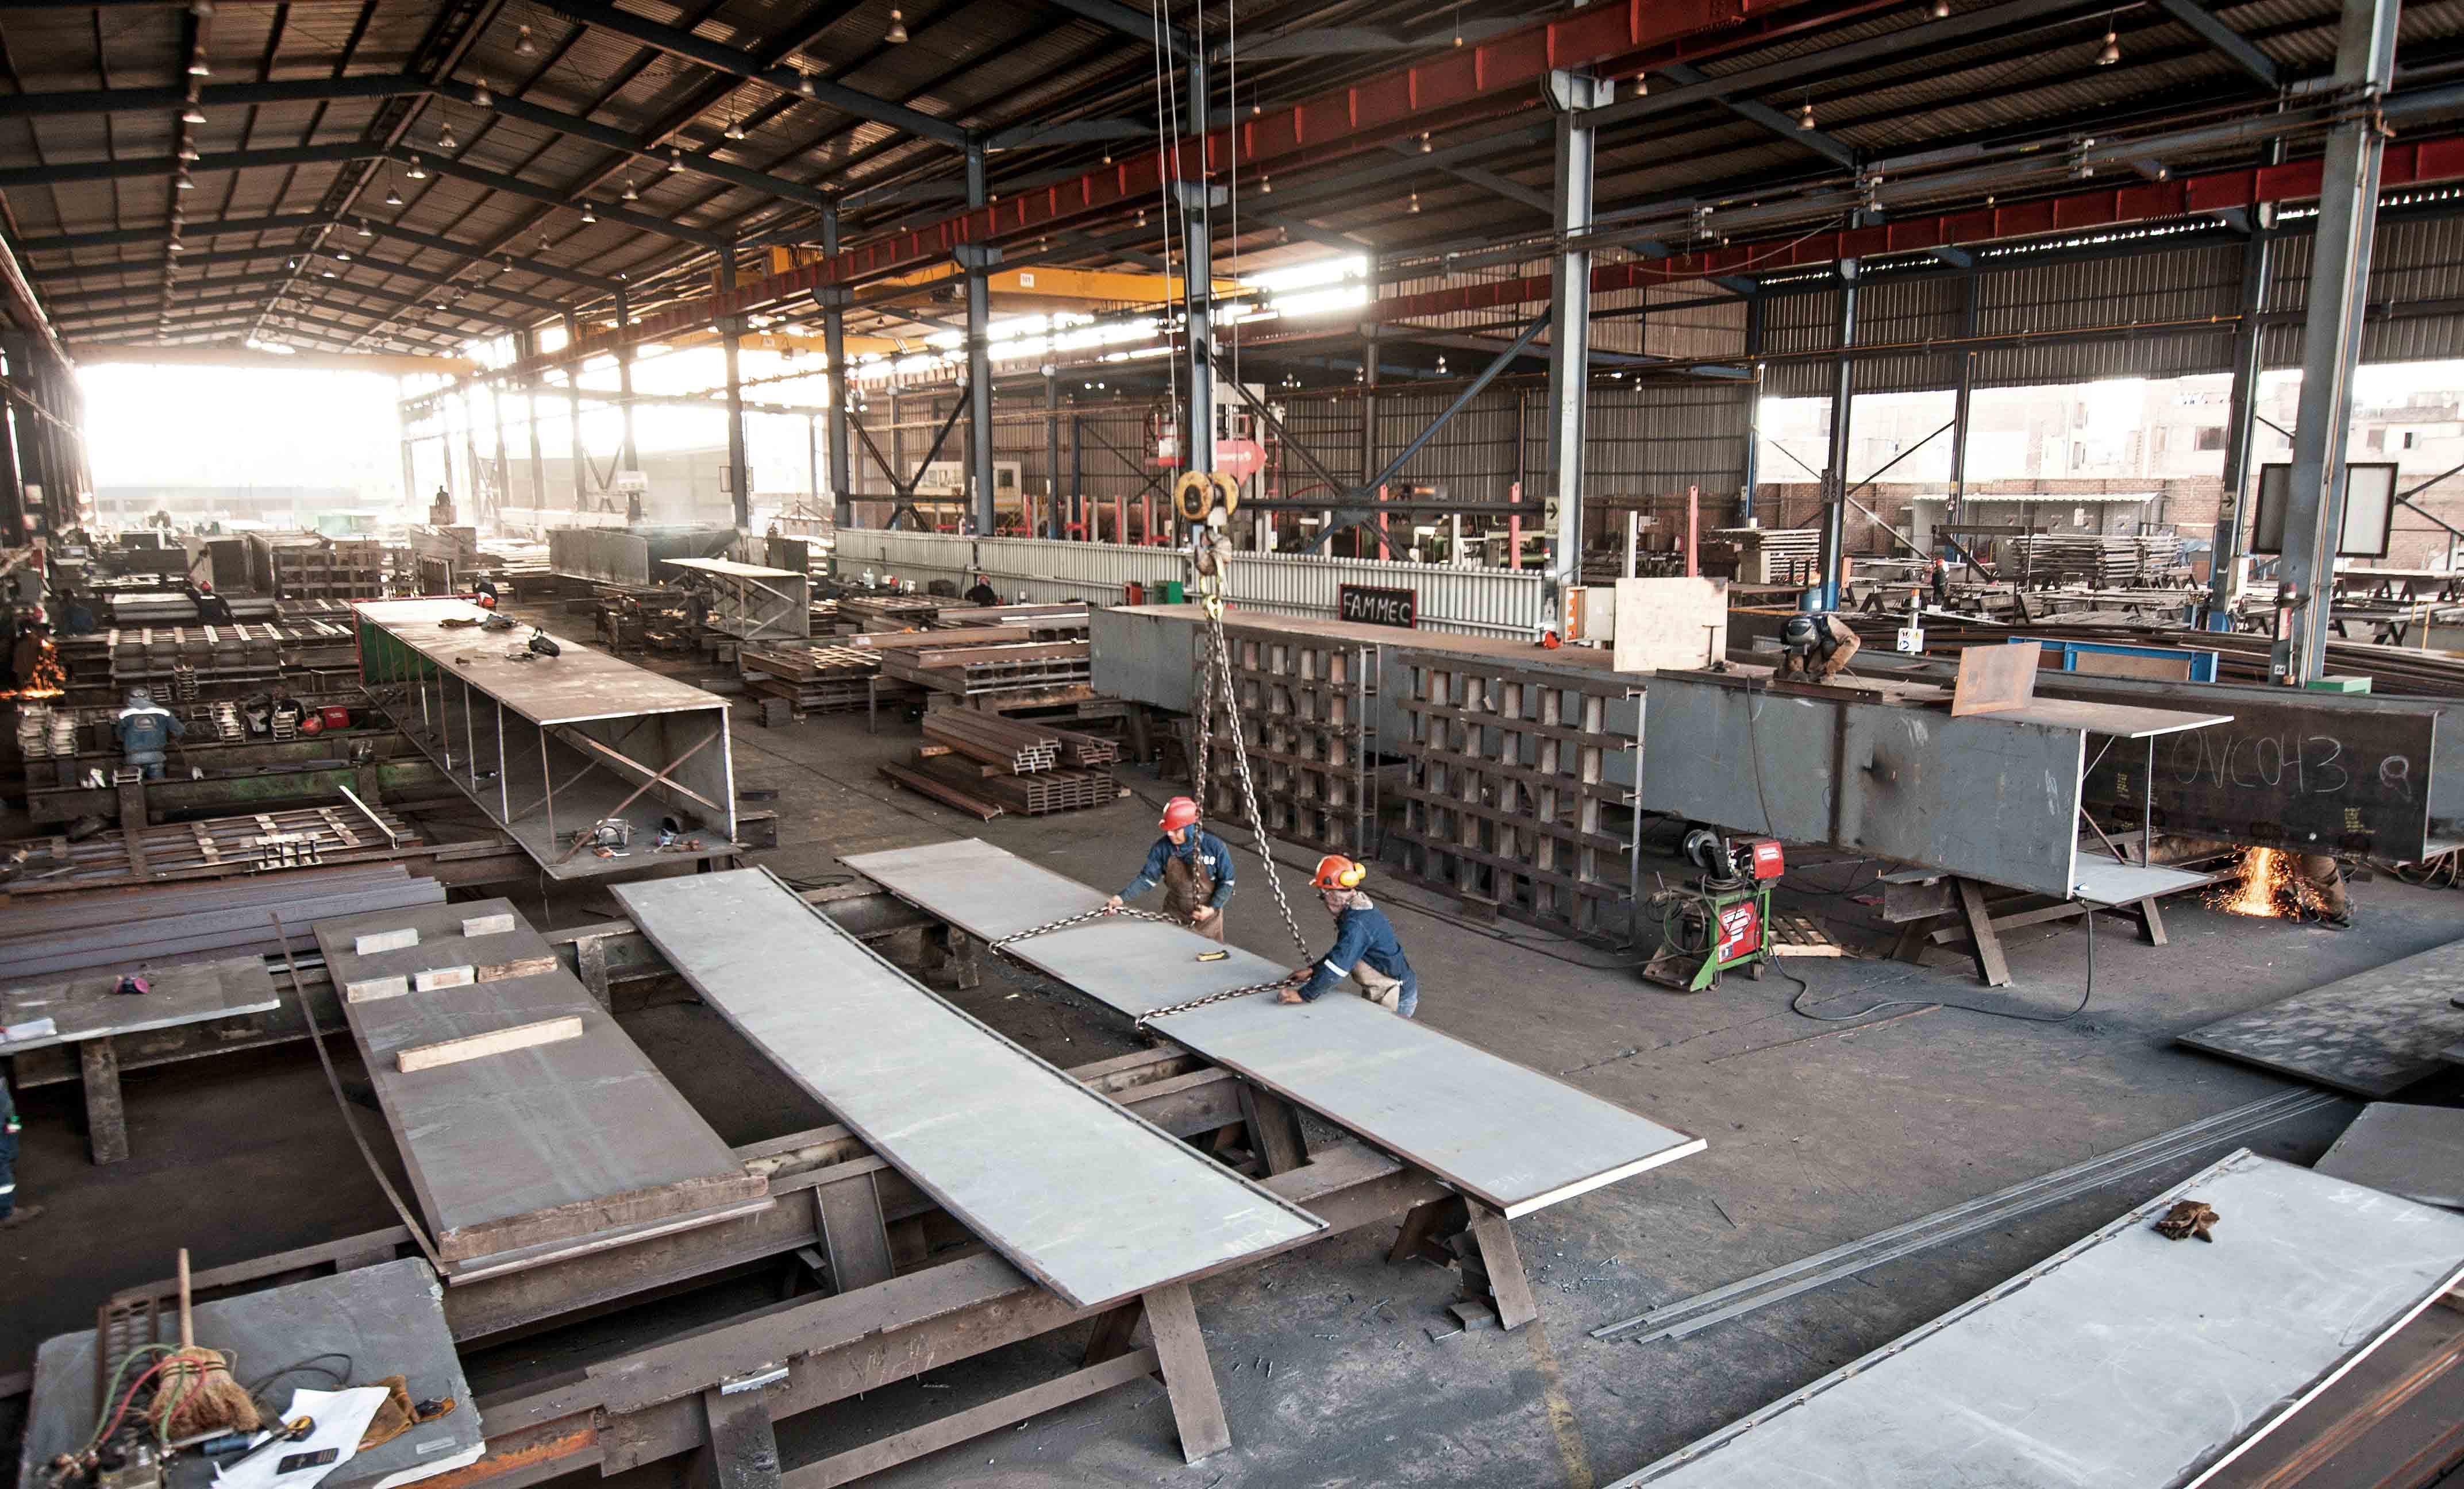 foco-en-esmetal-empresa-metalmecanica-que-fabrica-puentes-modulares